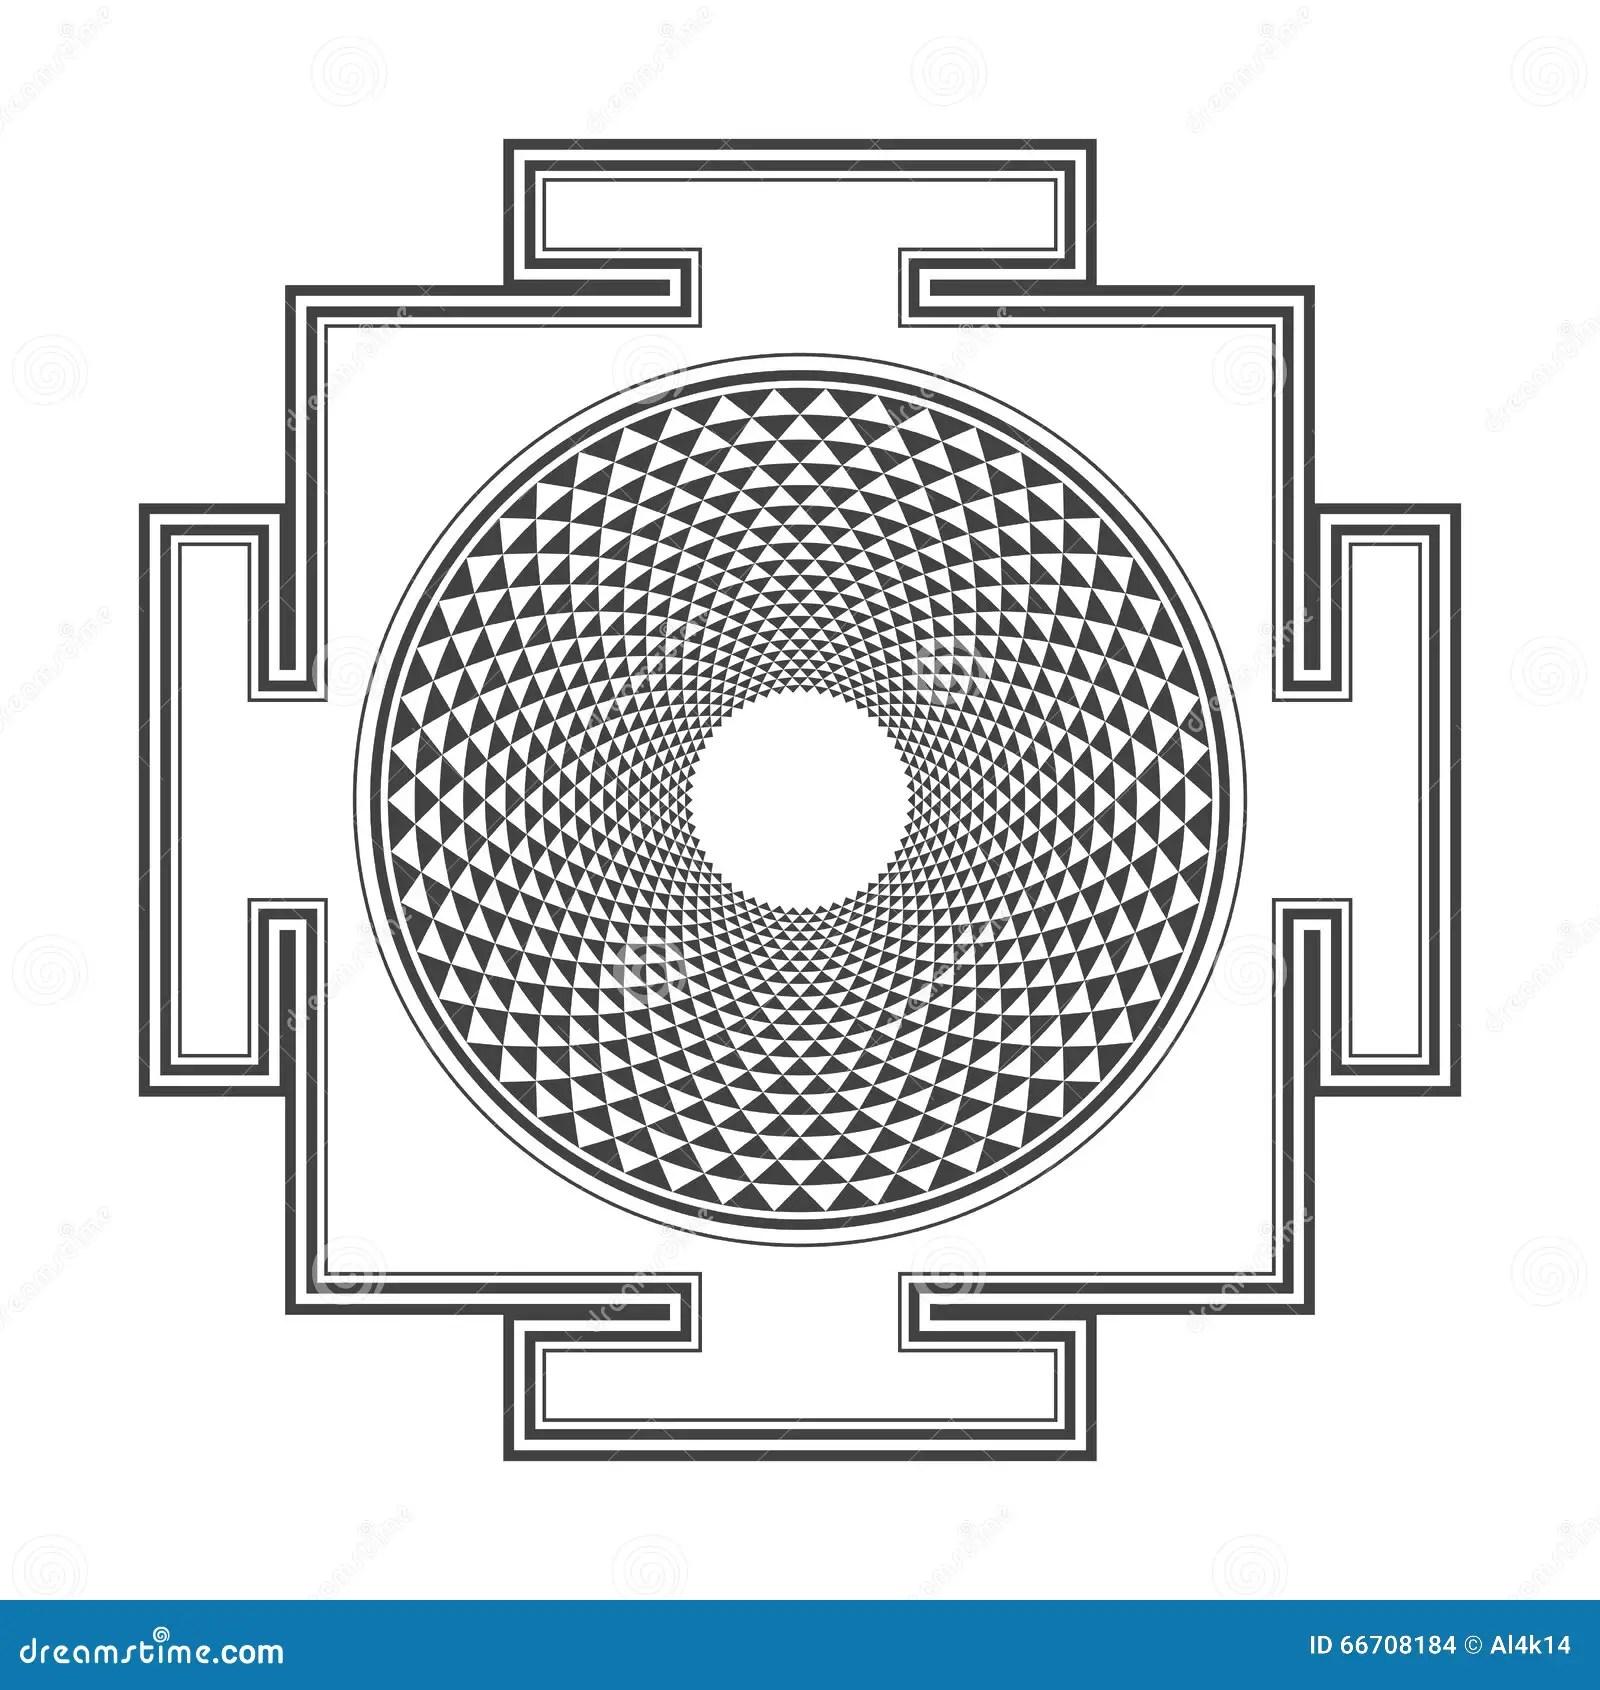 P90 Wiring Schematics